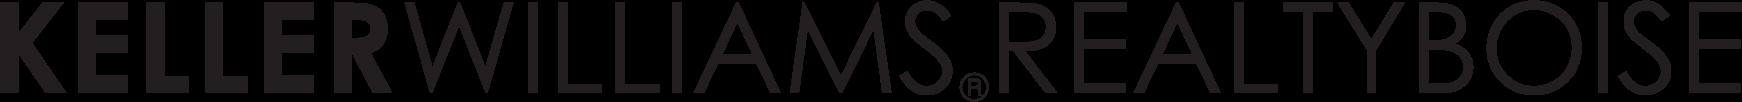 KW_Logo_Long_Black.png